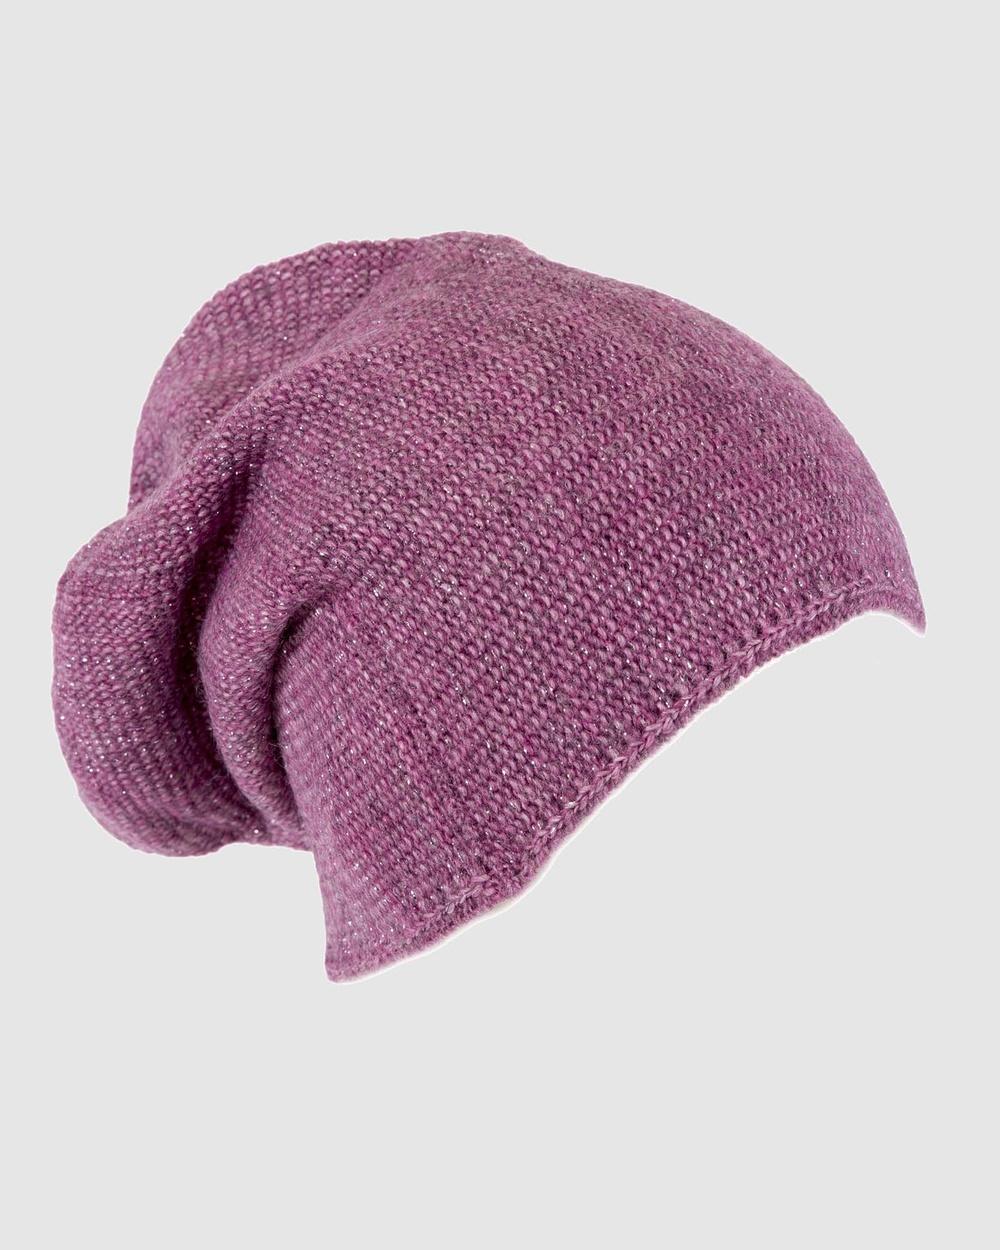 Max Alexander European Made Fashion Wool Beanie Headwear Purple